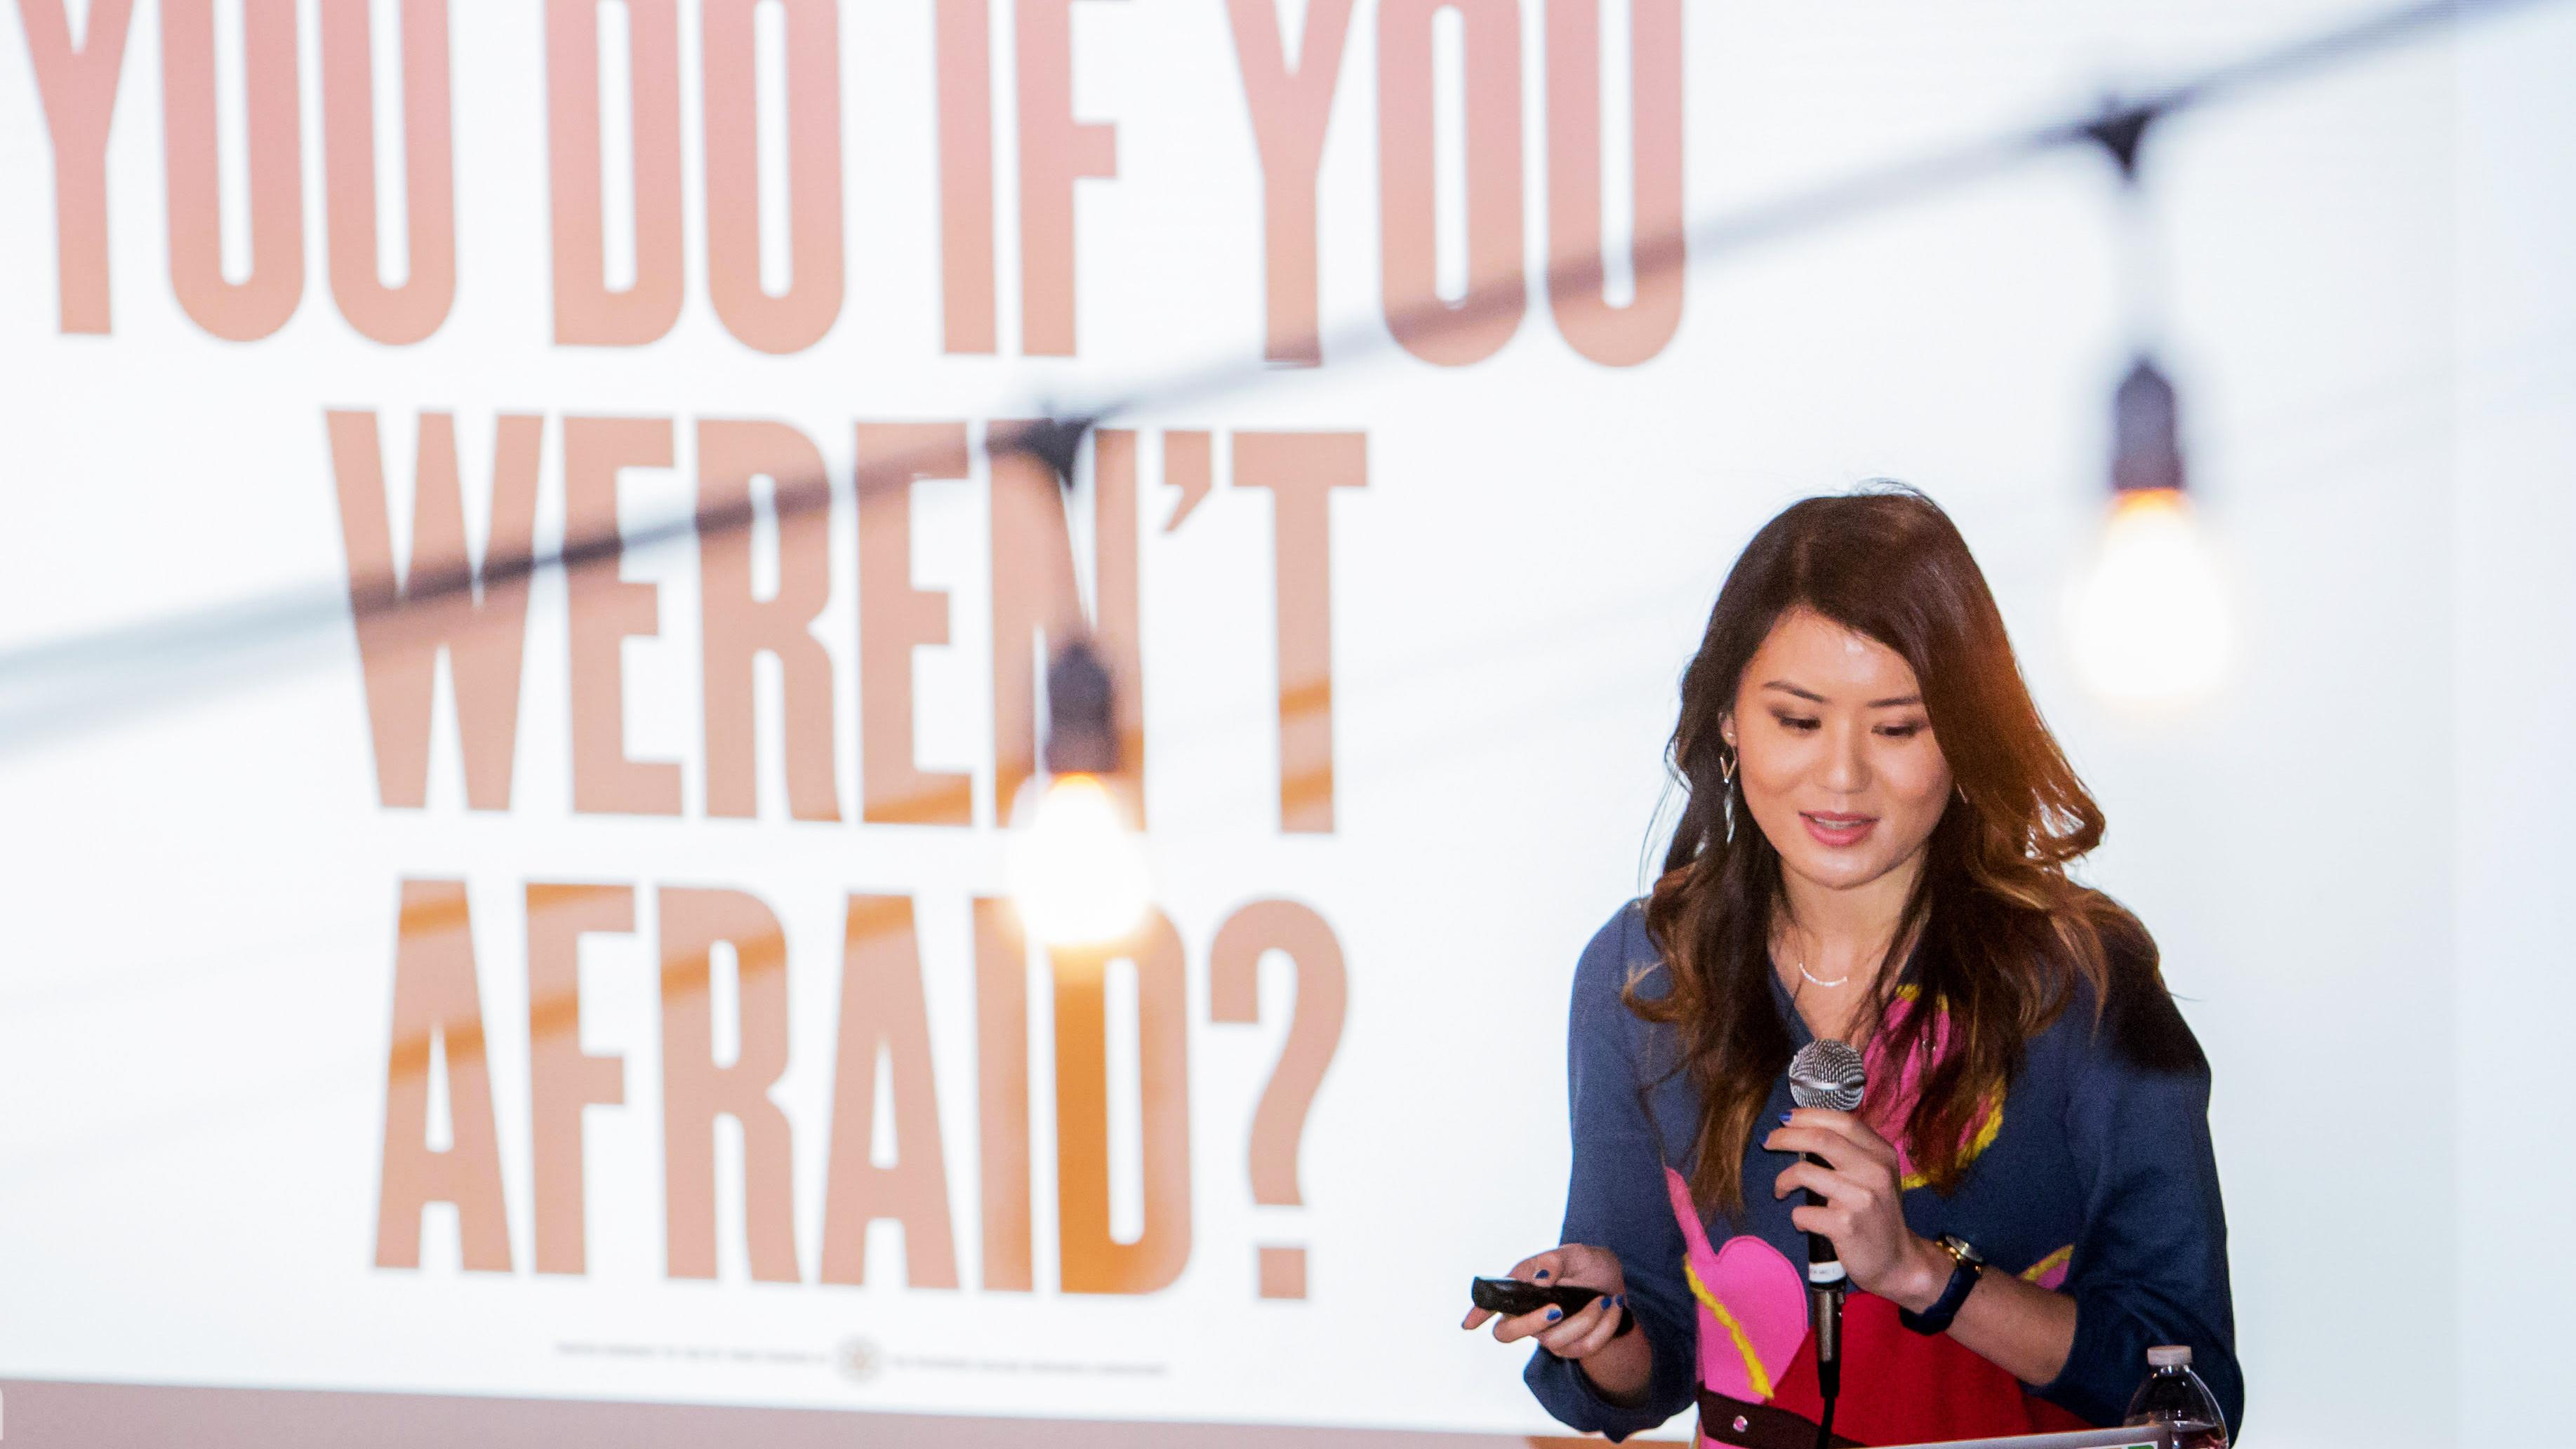 【語音專訪行銷業】幫別人,也說自己的故事 – 新創行銷人,全美亞裔小姐 Stephanie Lin